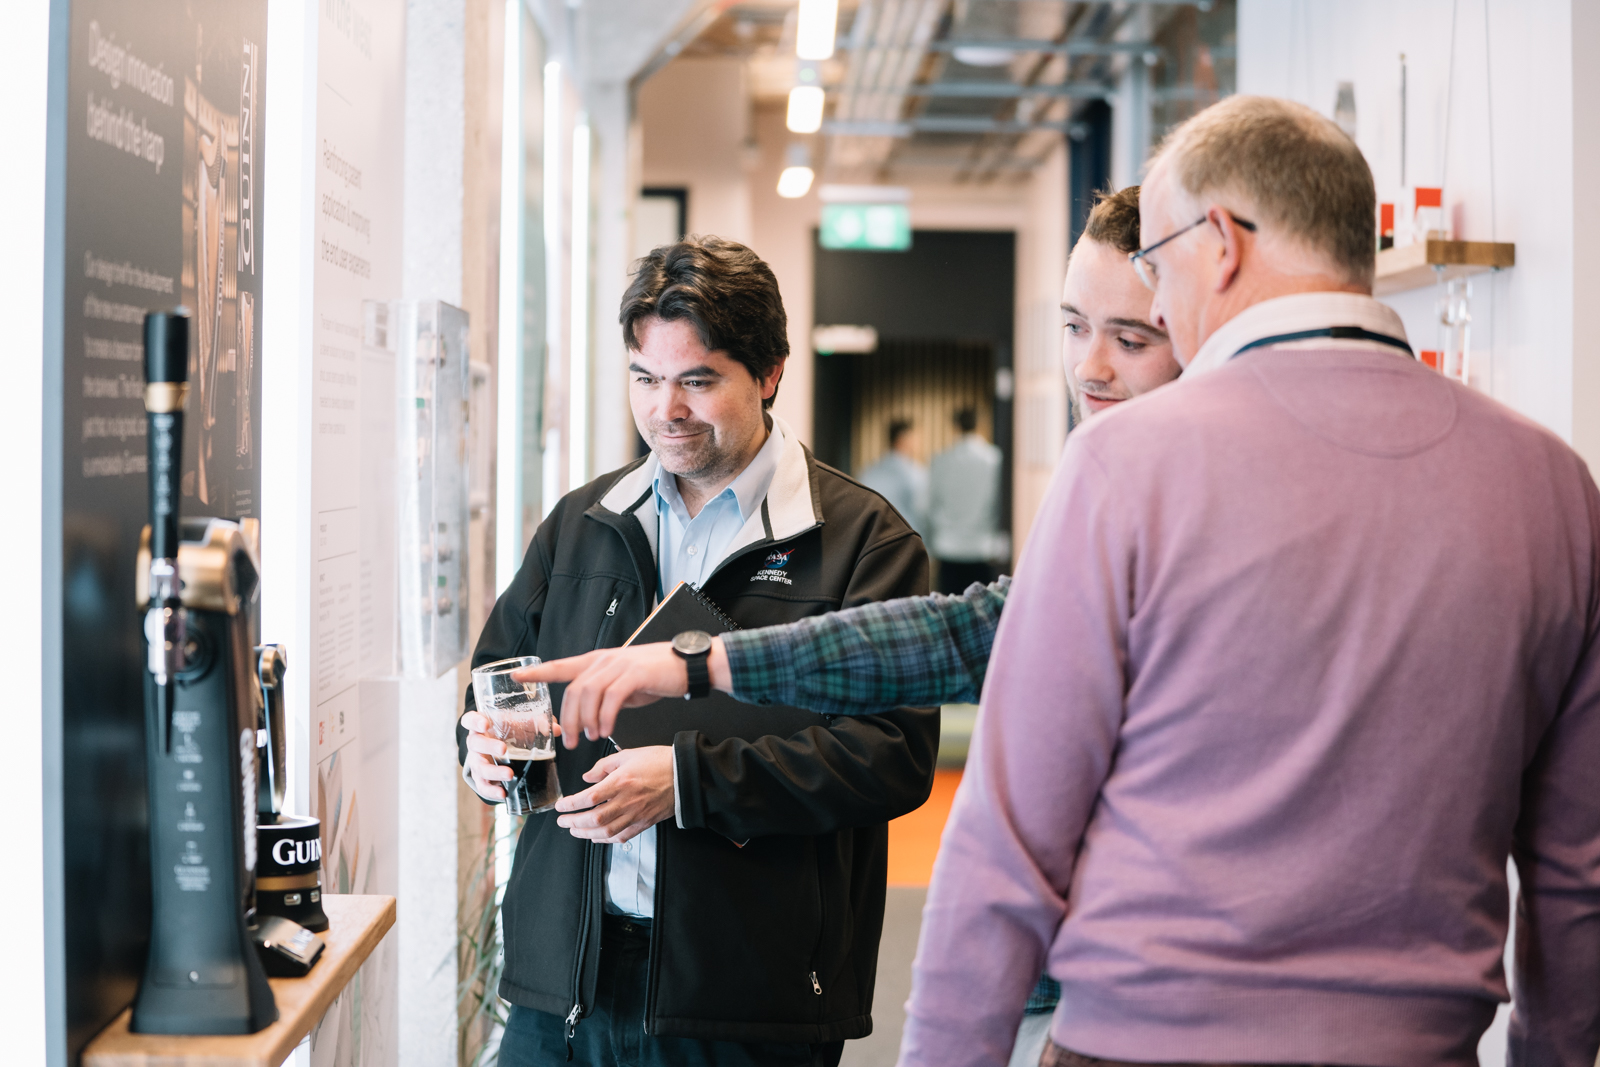 Guinness, Harp, Product Design Studio demonstration